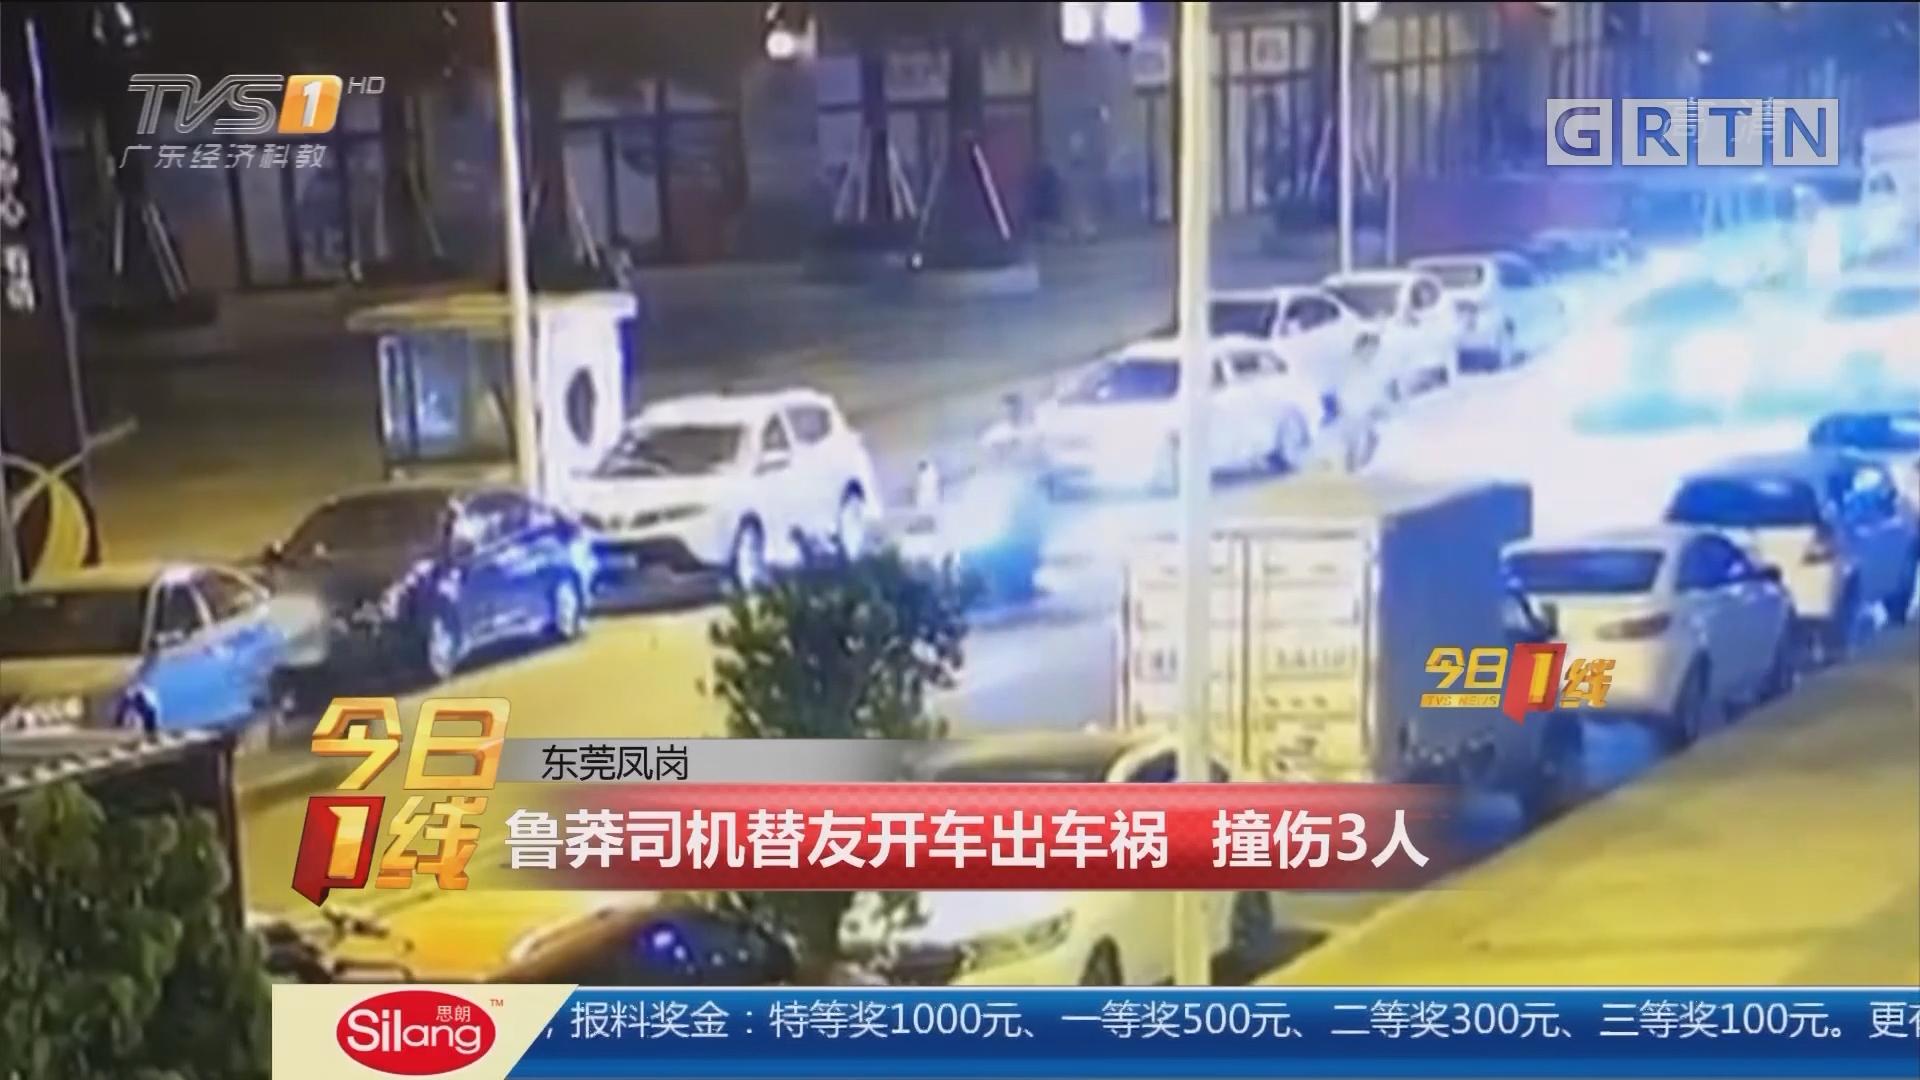 东莞凤岗:鲁莽司机替友开车出车祸 撞伤3人